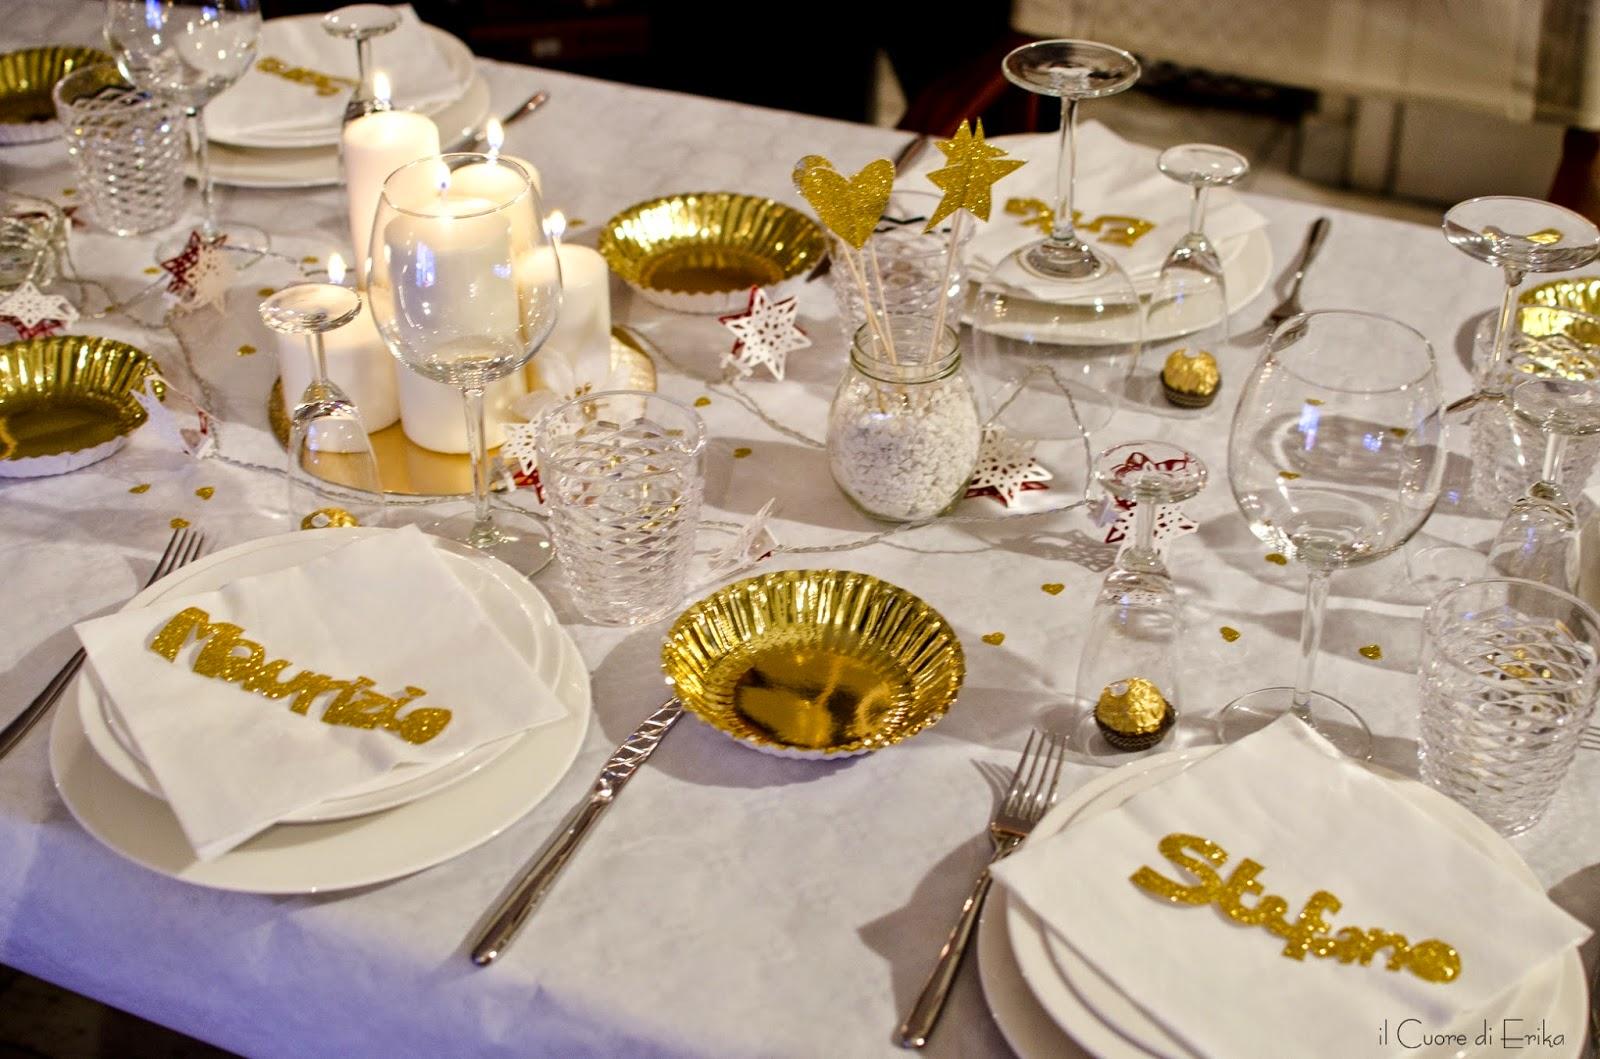 Il cuore di erika capodanno 2015 auguri e diy - Decorazioni tavola capodanno fai da te ...